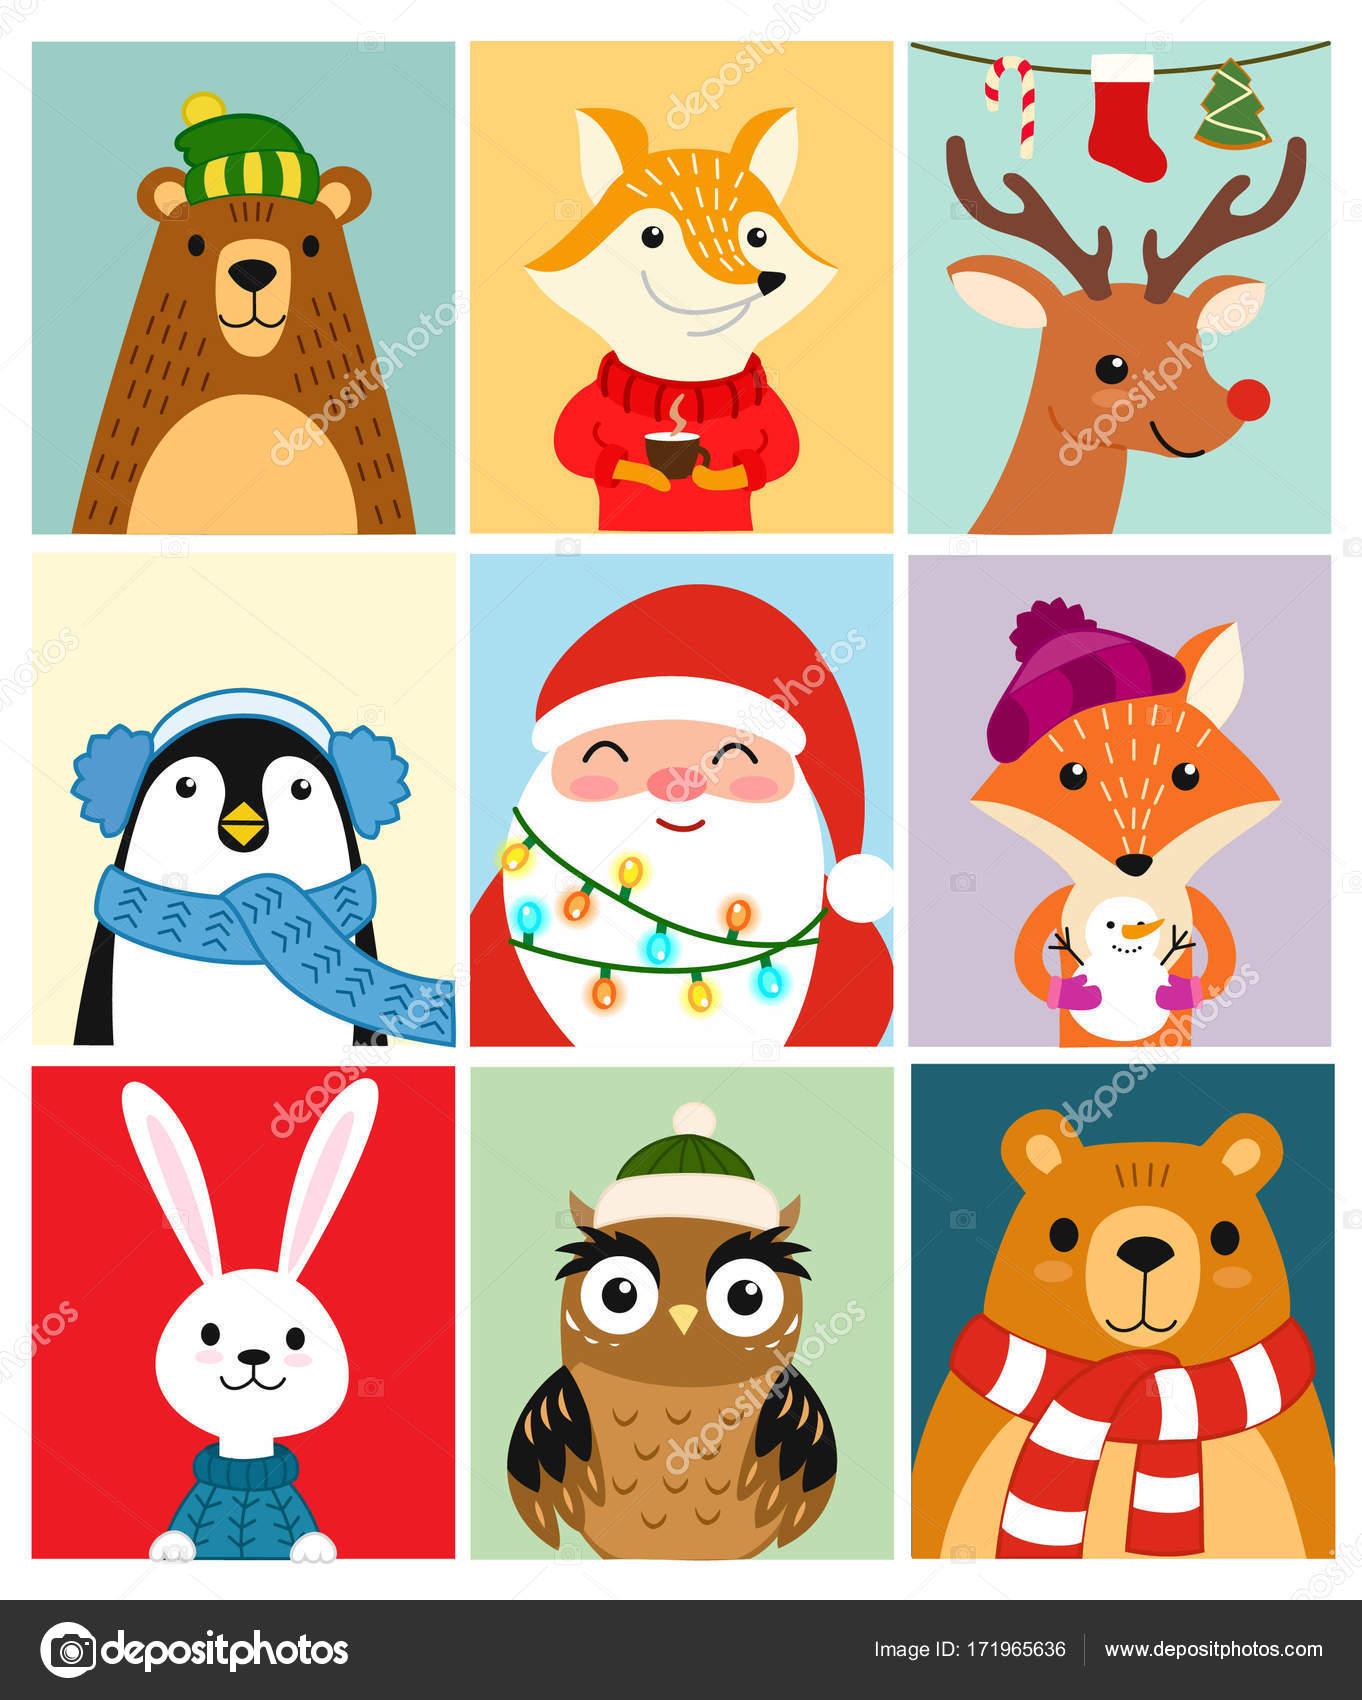 かわいい動物。冬のポストカードのセットです。ベクトル イラスト